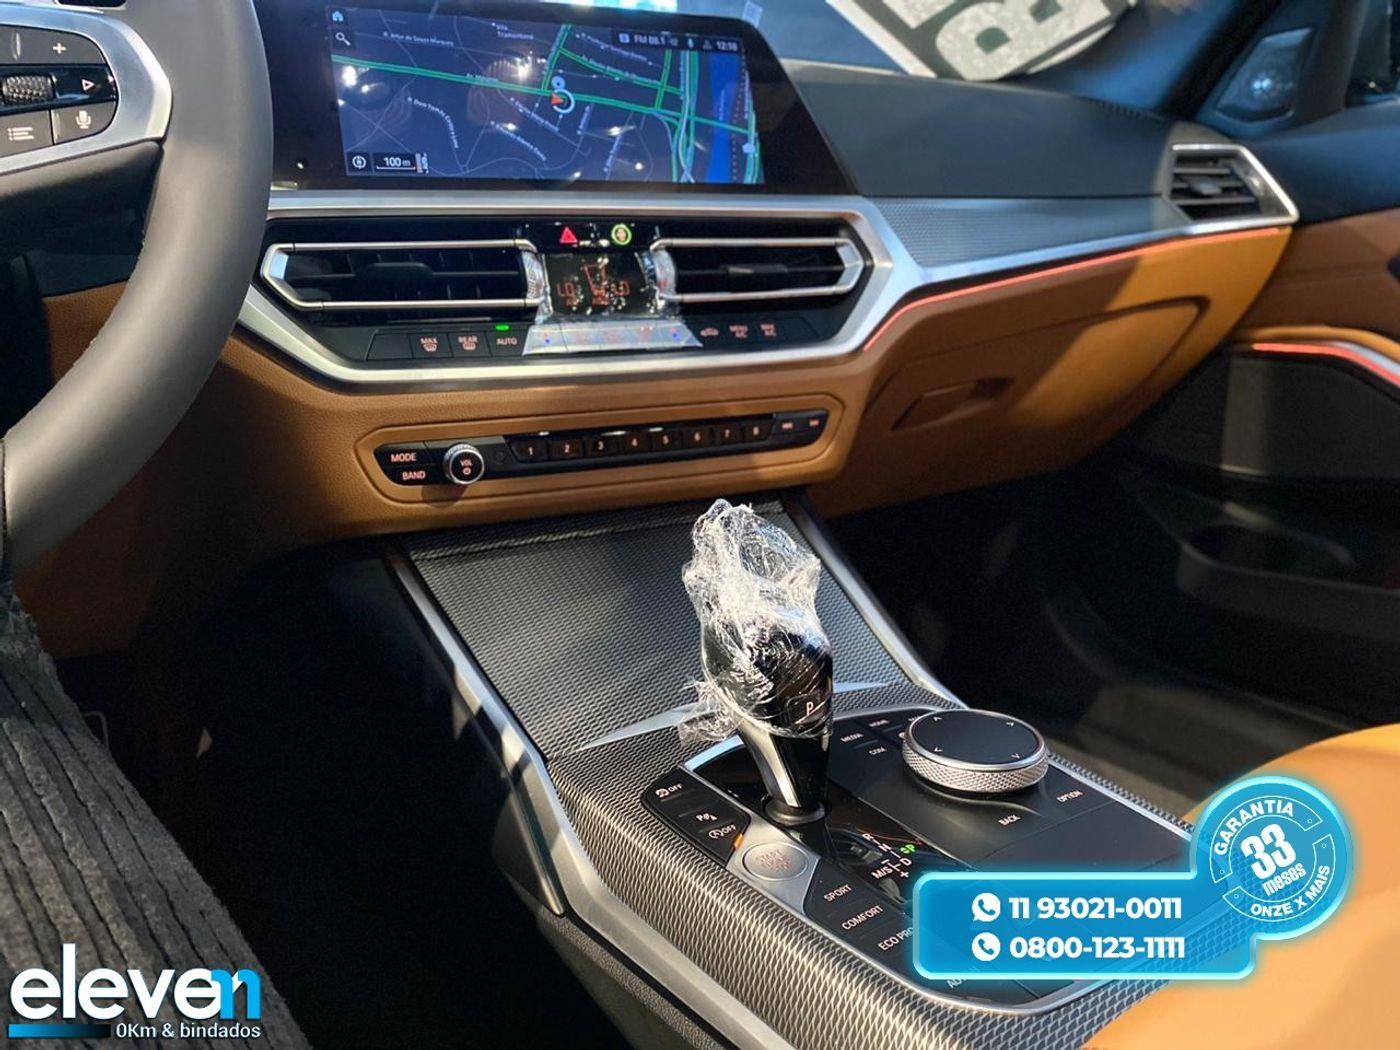 BMW BMW 320i 2.0 TURBO M SPORT